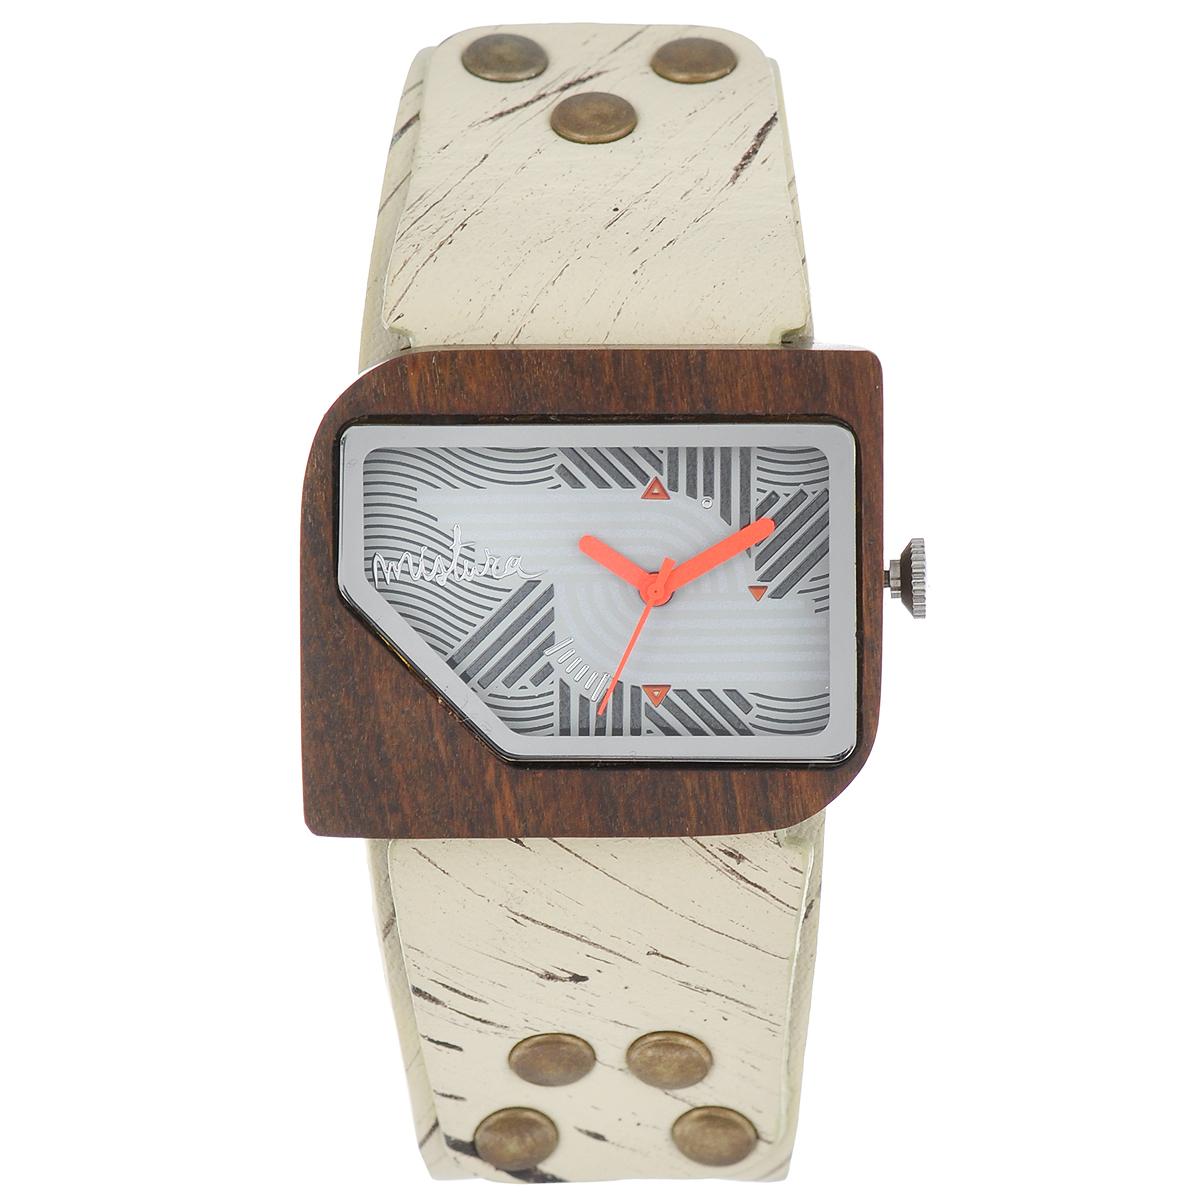 Часы наручные женские Mistura Pellicano: Hollister/Nazca Light. TP09004HLPUNLWDTP09004HLPUNLWDНаручные часы Mistura благодаря своему эксклюзивному дизайну позволят вам выделиться из толпы и подчеркнуть свою индивидуальность. Для изготовления корпуса часов используется древесина тропических лесов Колумбии с применением индивидуальных методов ее обработки. Дизайн выполняется вручную. Часы оснащены японским кварцевым механизмом Miyota (Япония). Ремешок из натуральной кожи, декорирован металлическими заклепками под бронзу, застегивается на классическую застежку с деревянным язычком. Корпус часов изготовлен из дерева. Циферблат защищен минеральным стеклом. Изделие упаковано в фирменную коробку с логотипом компании Mistura. Часы марки Mistura идеально подходят молодым и уверенным в себе людям, ценящим качество, практичность и индивидуальность в каждой детали. Каждая модель оснащена оригинальным дизайнерским корпусом, а также ремешком из натуральной кожи, который можно заменить по вашему желанию. В изделиях используются высокоточные...